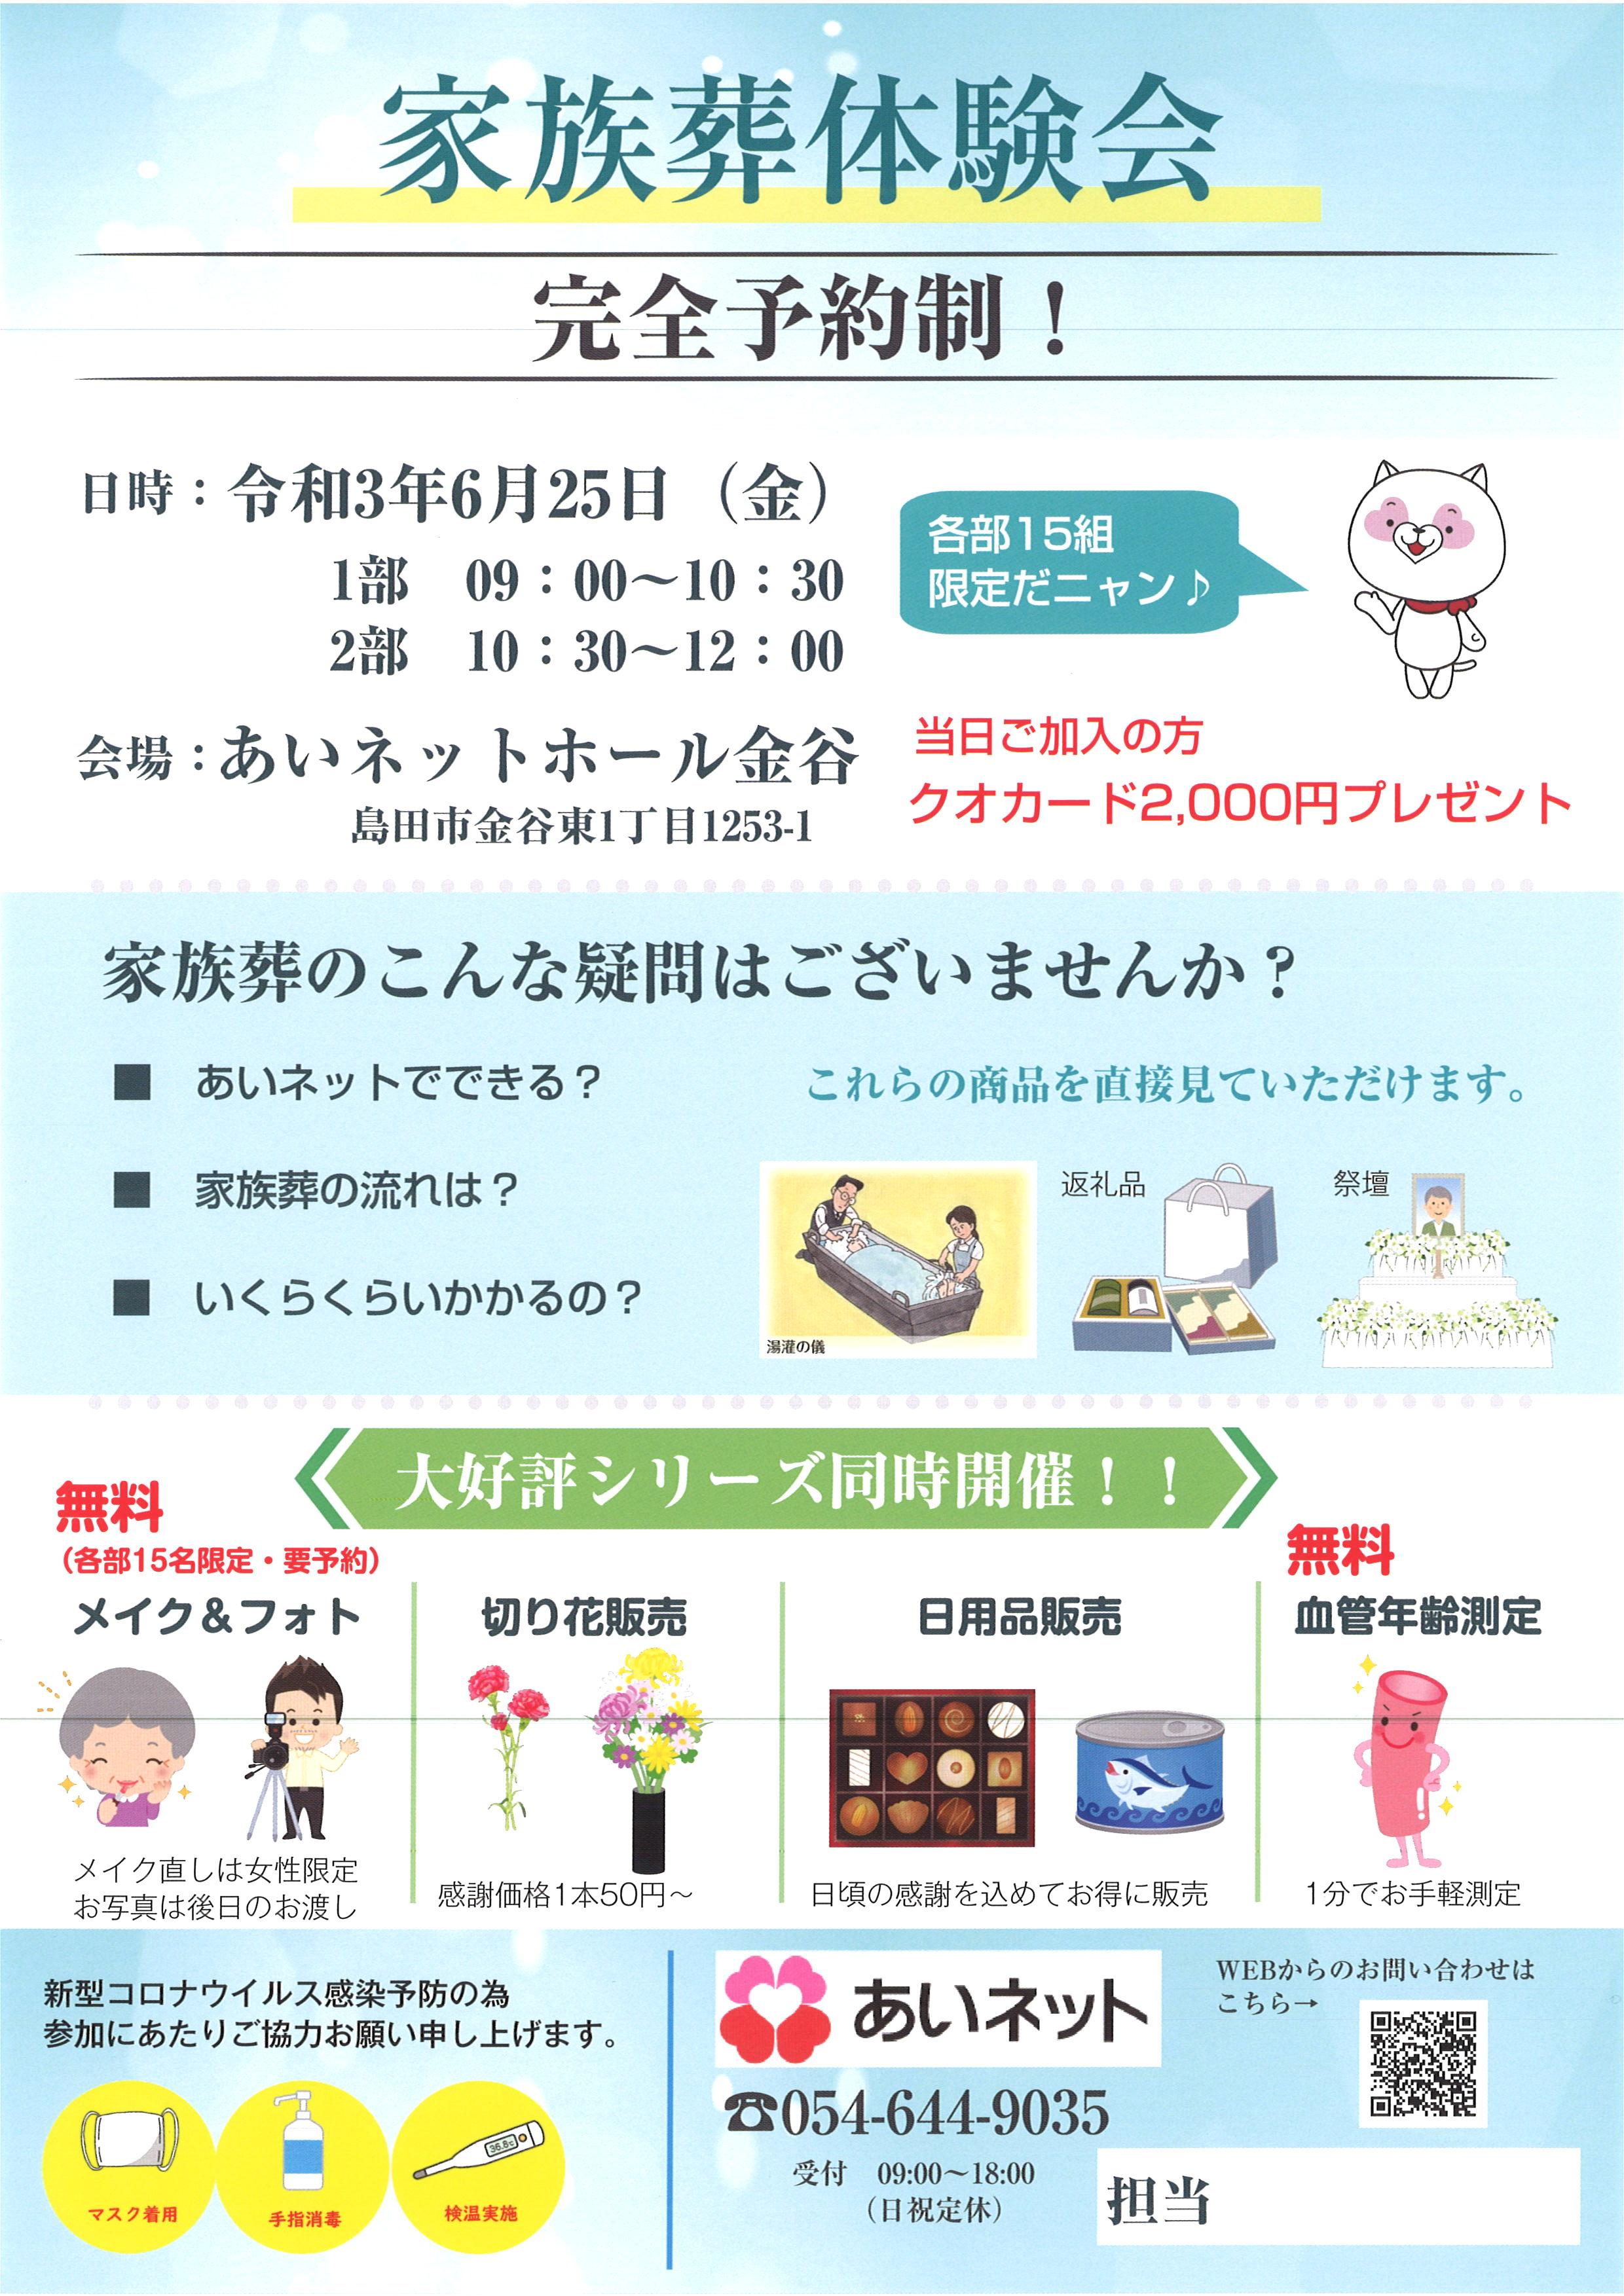 6月25日(金)家族葬体験イベントinあいネットホール金谷